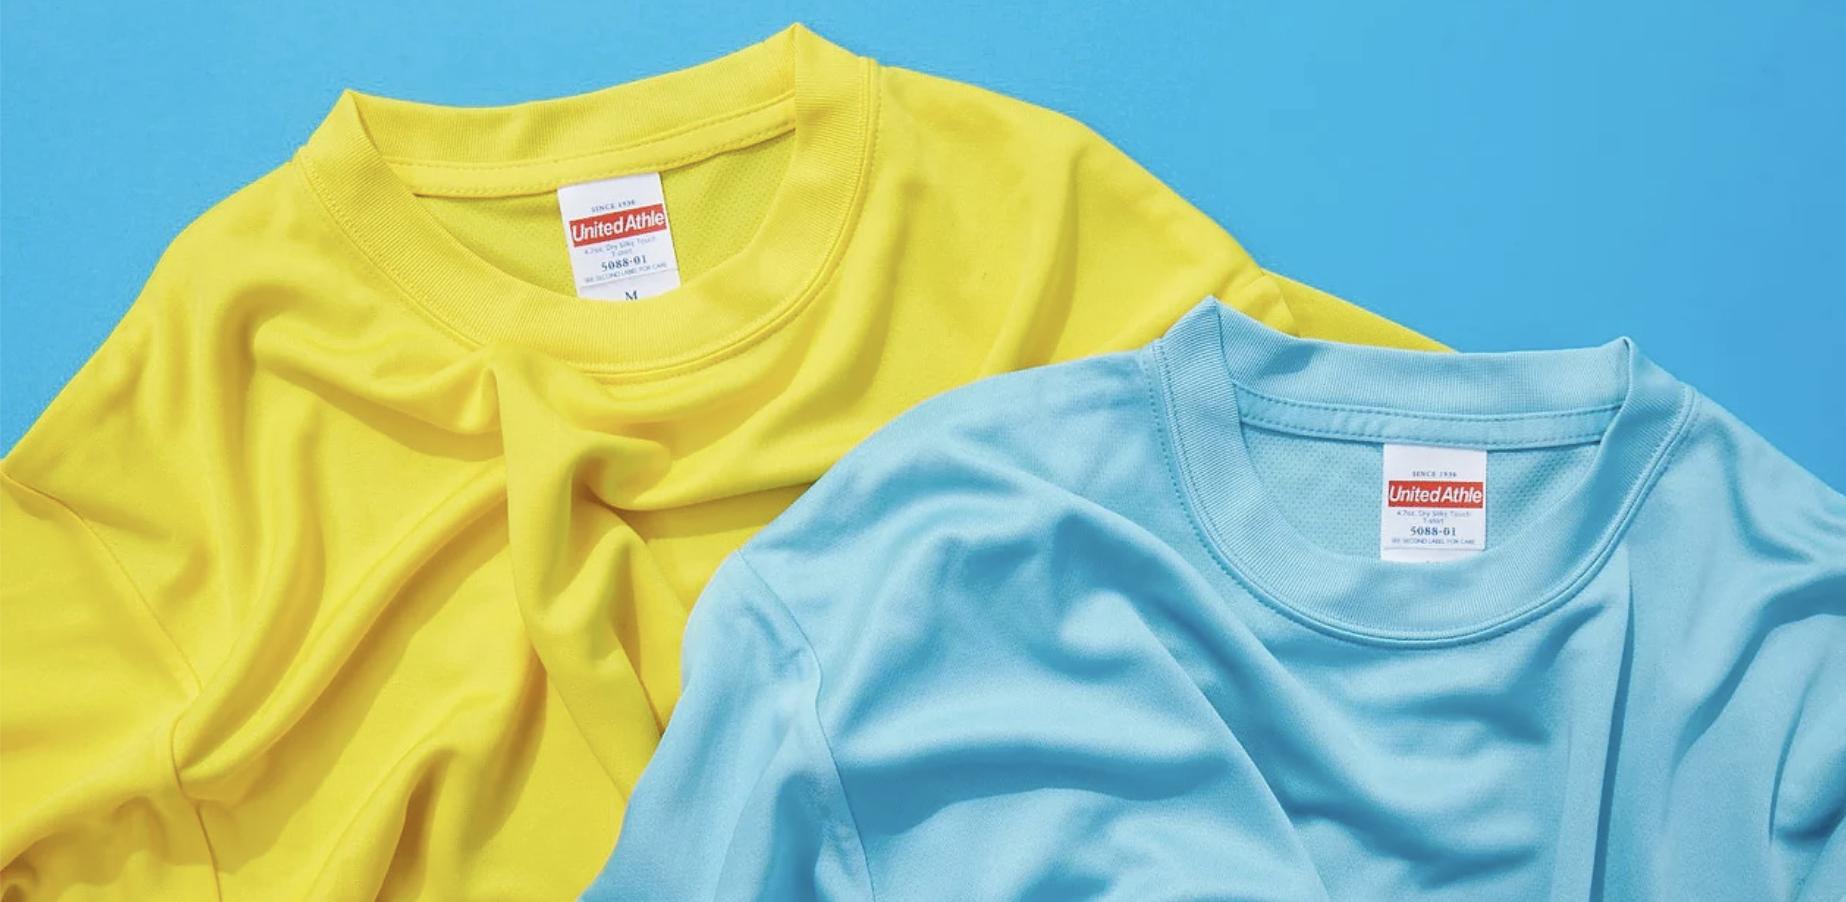 Tシャツの生地の素材は何がおすすめ?使われている素材(綿やポリエステル)や編み方の違い